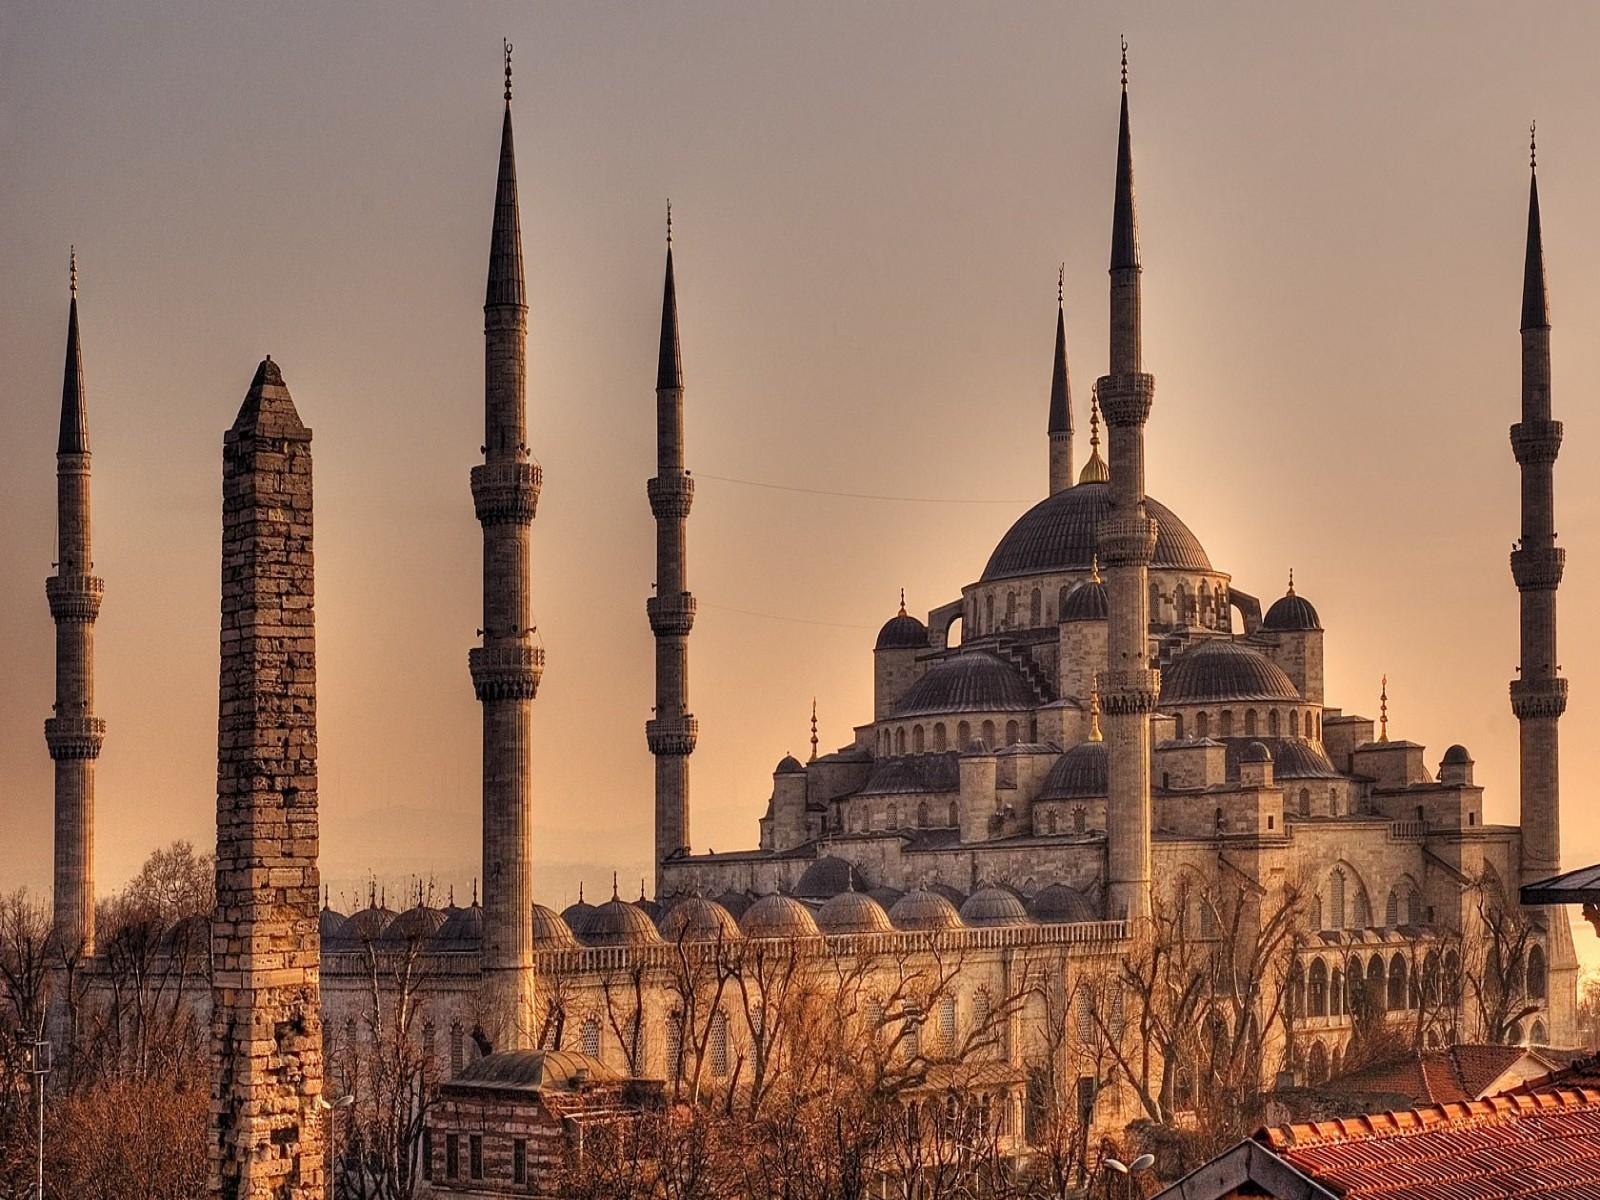 Cami Resimlerinden Oluşan Duvar Kağıtları Mosque Wallpapers 2